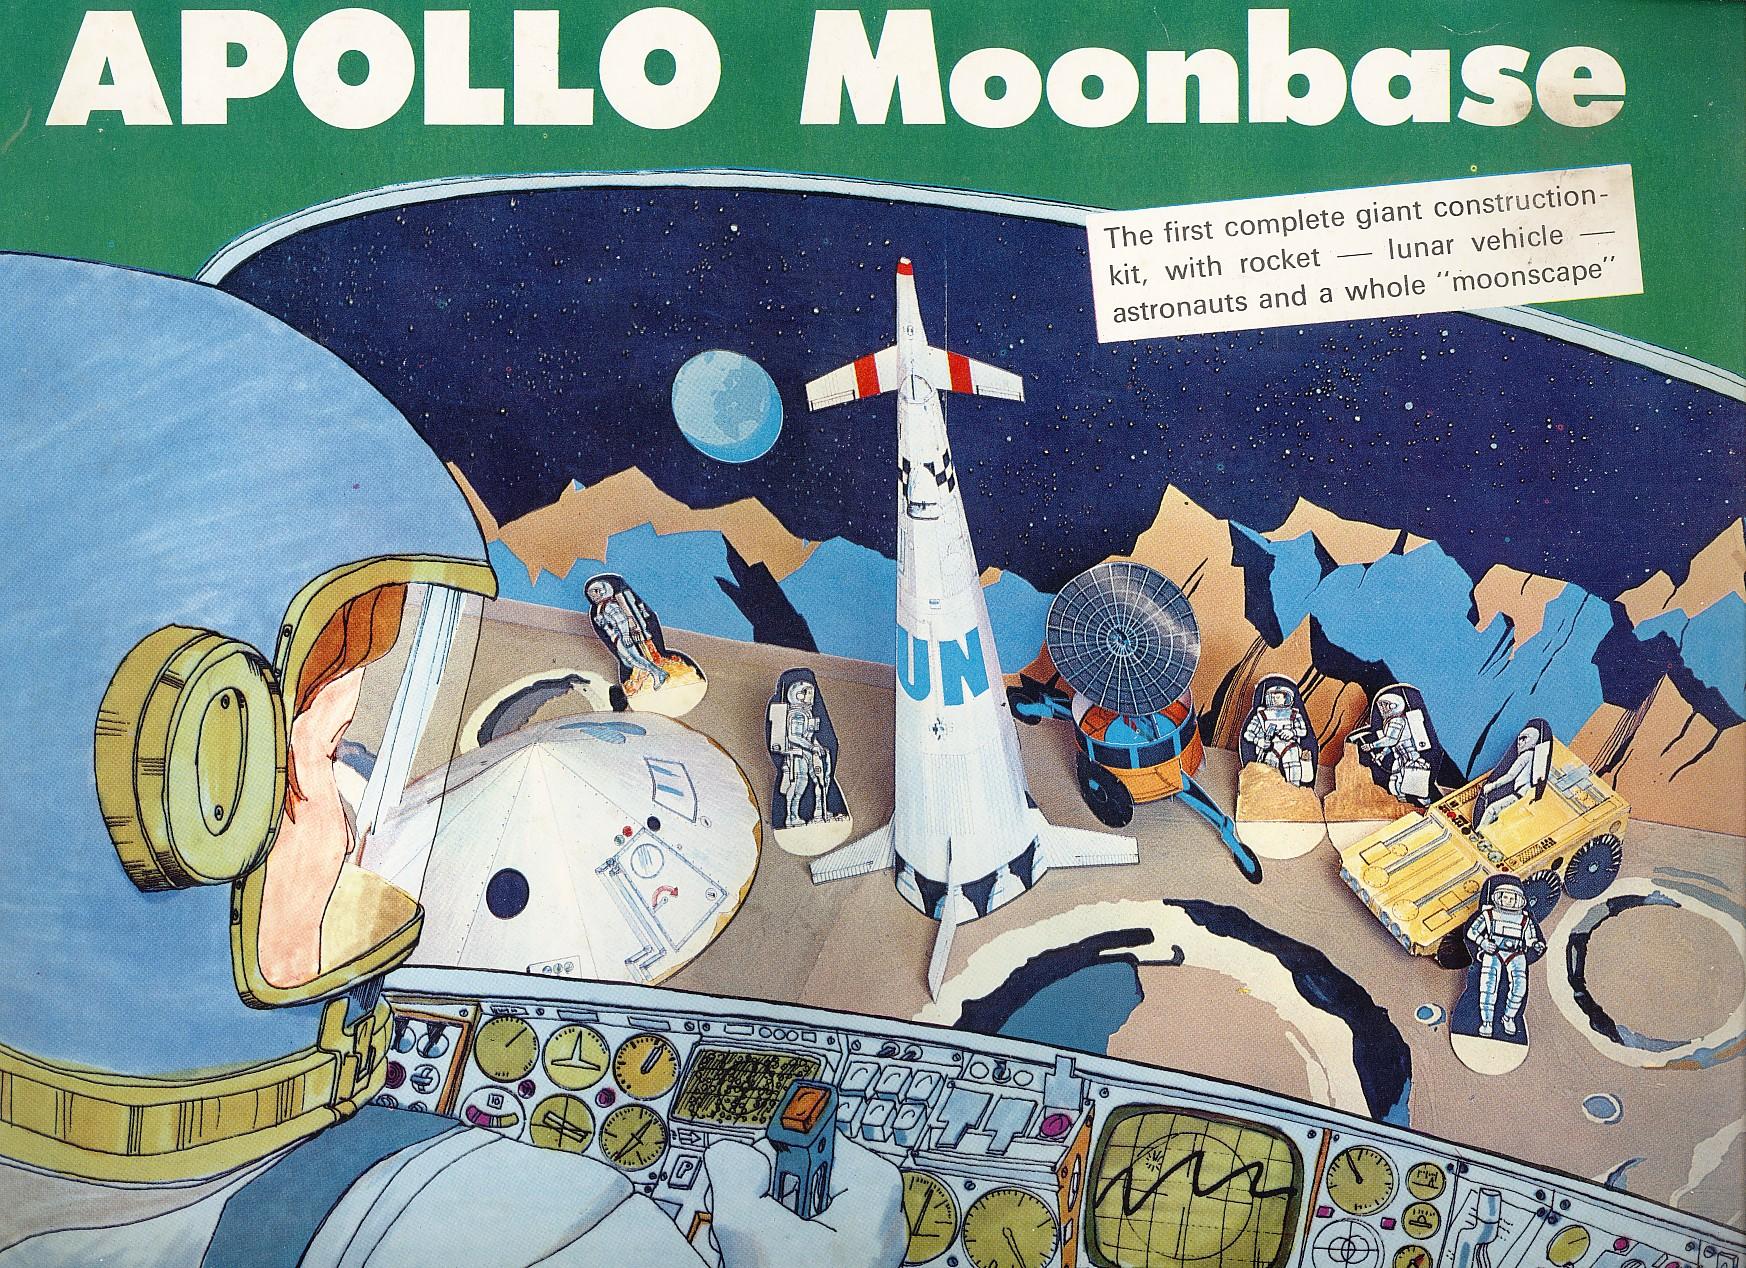 1969. Apollo Moonbase